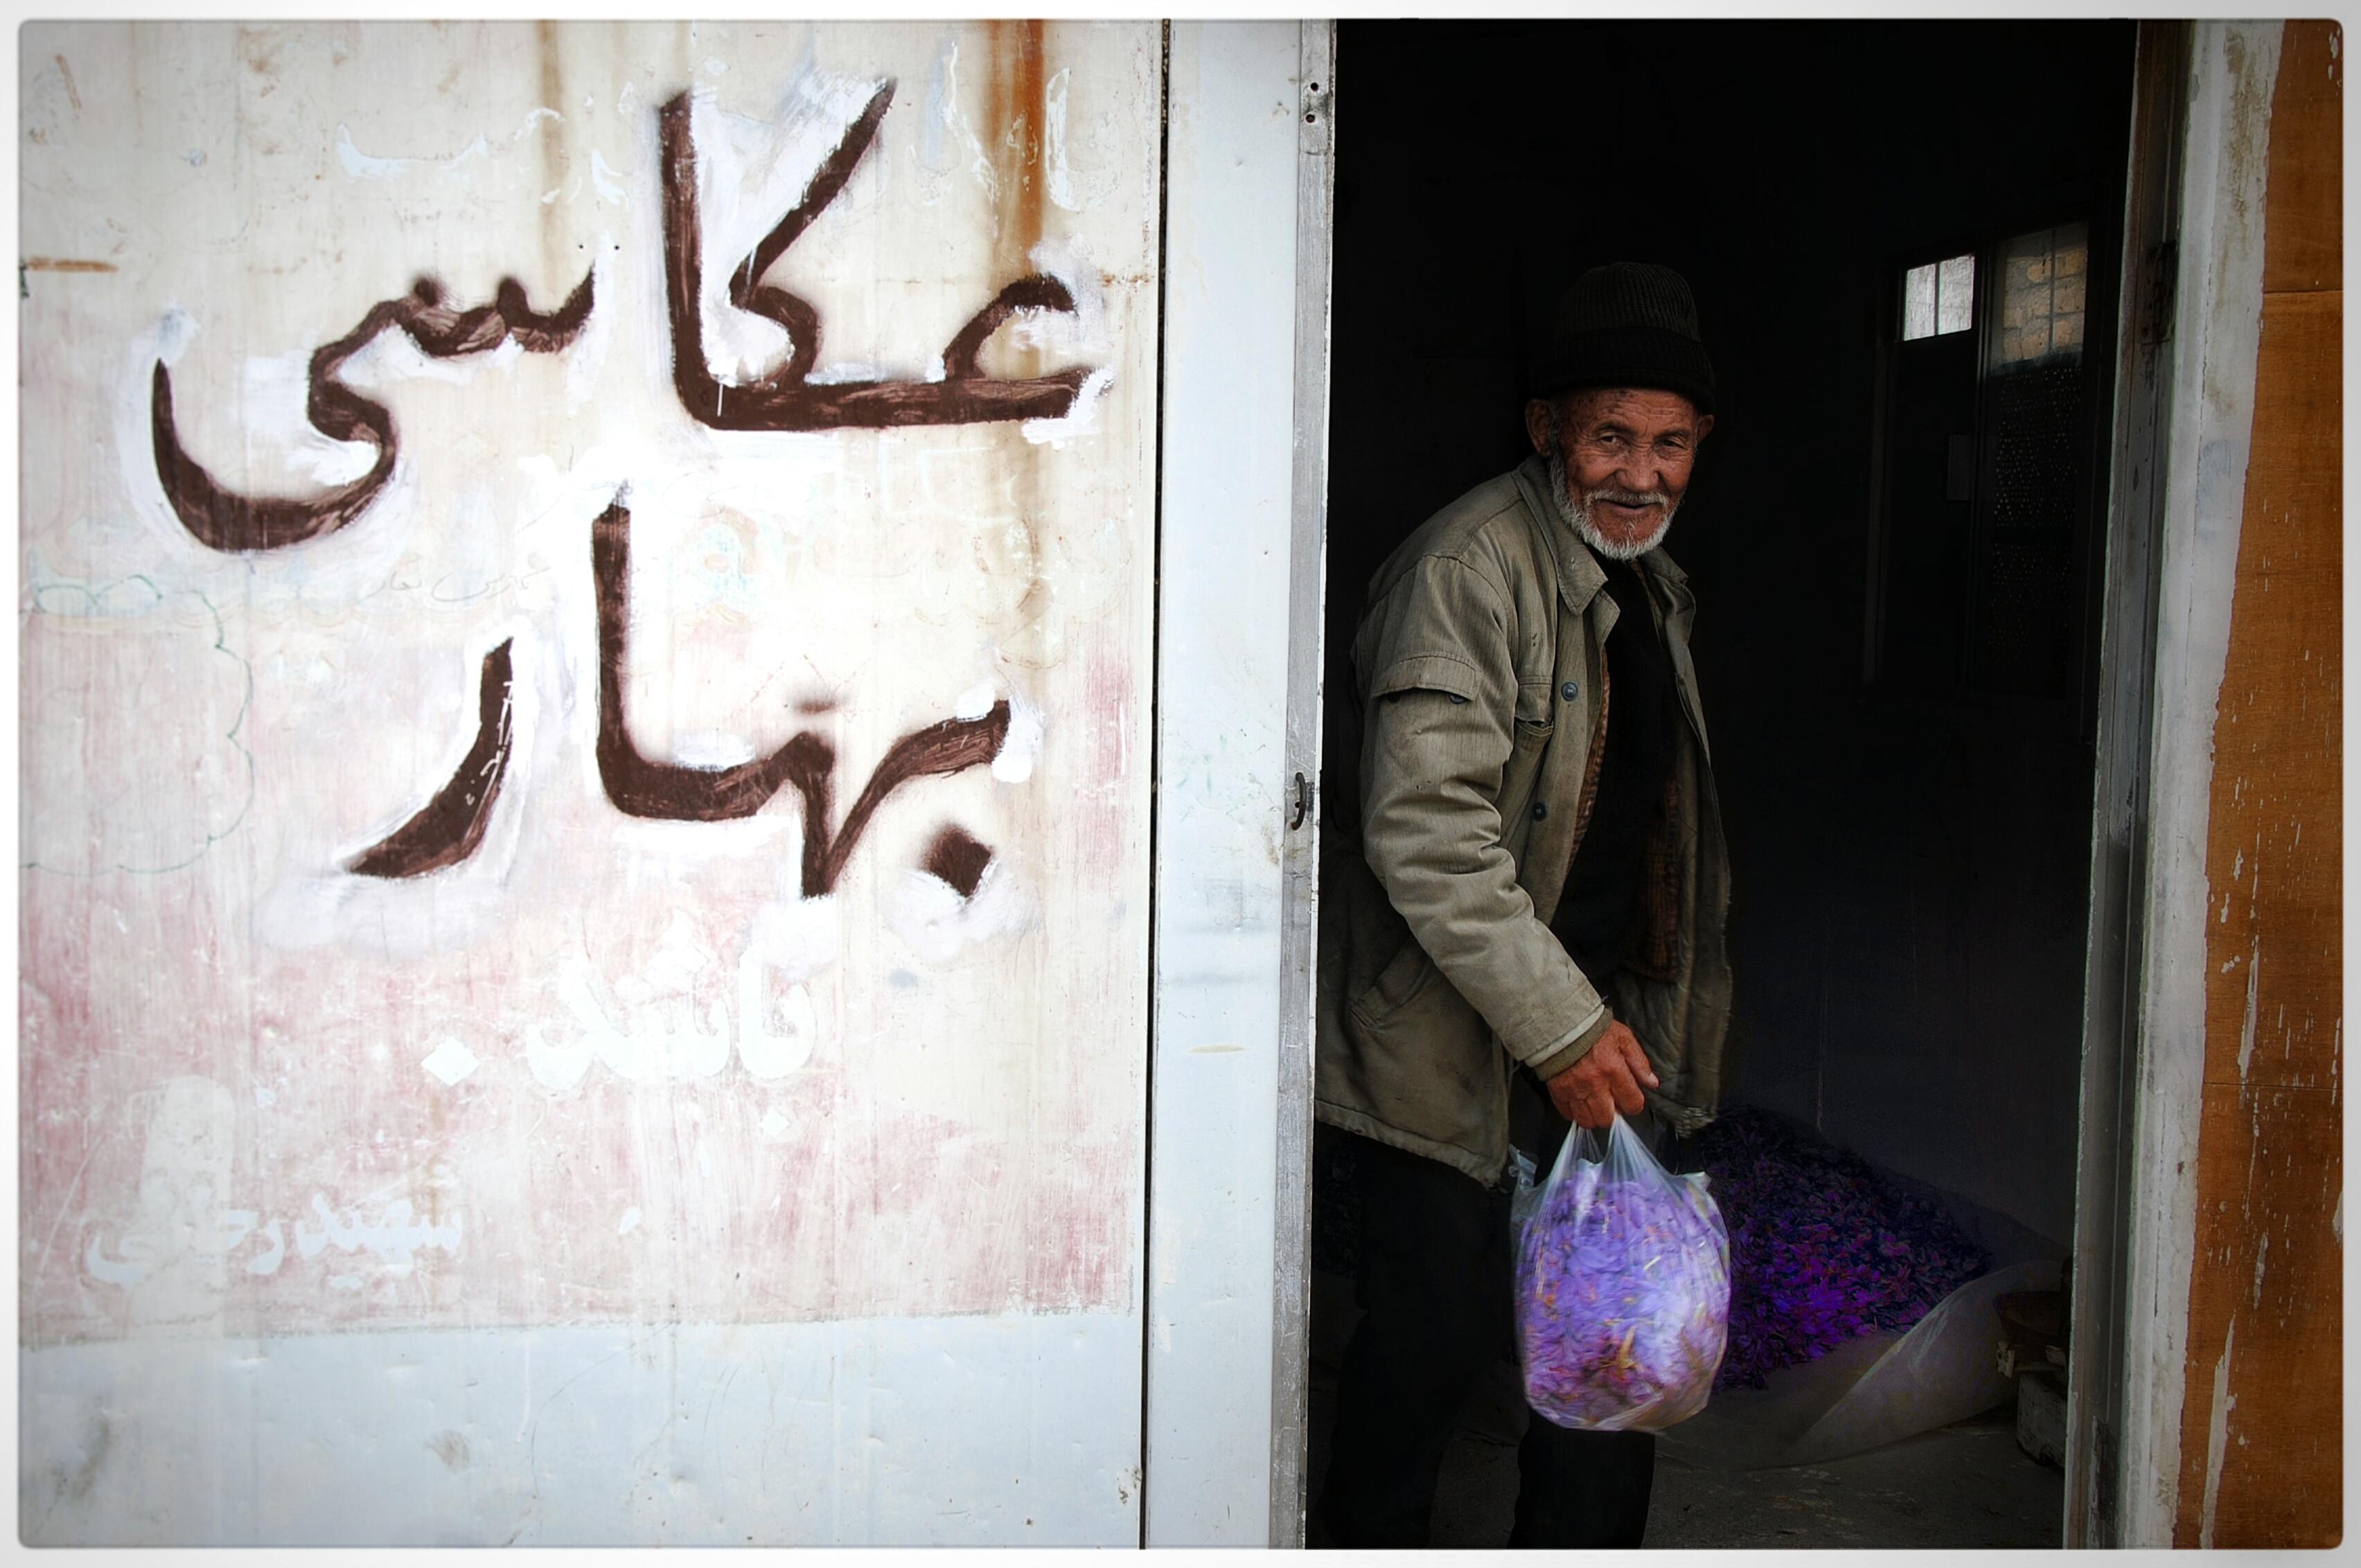 گل زعفران و اردوگاه مهاجران افغان در ایران